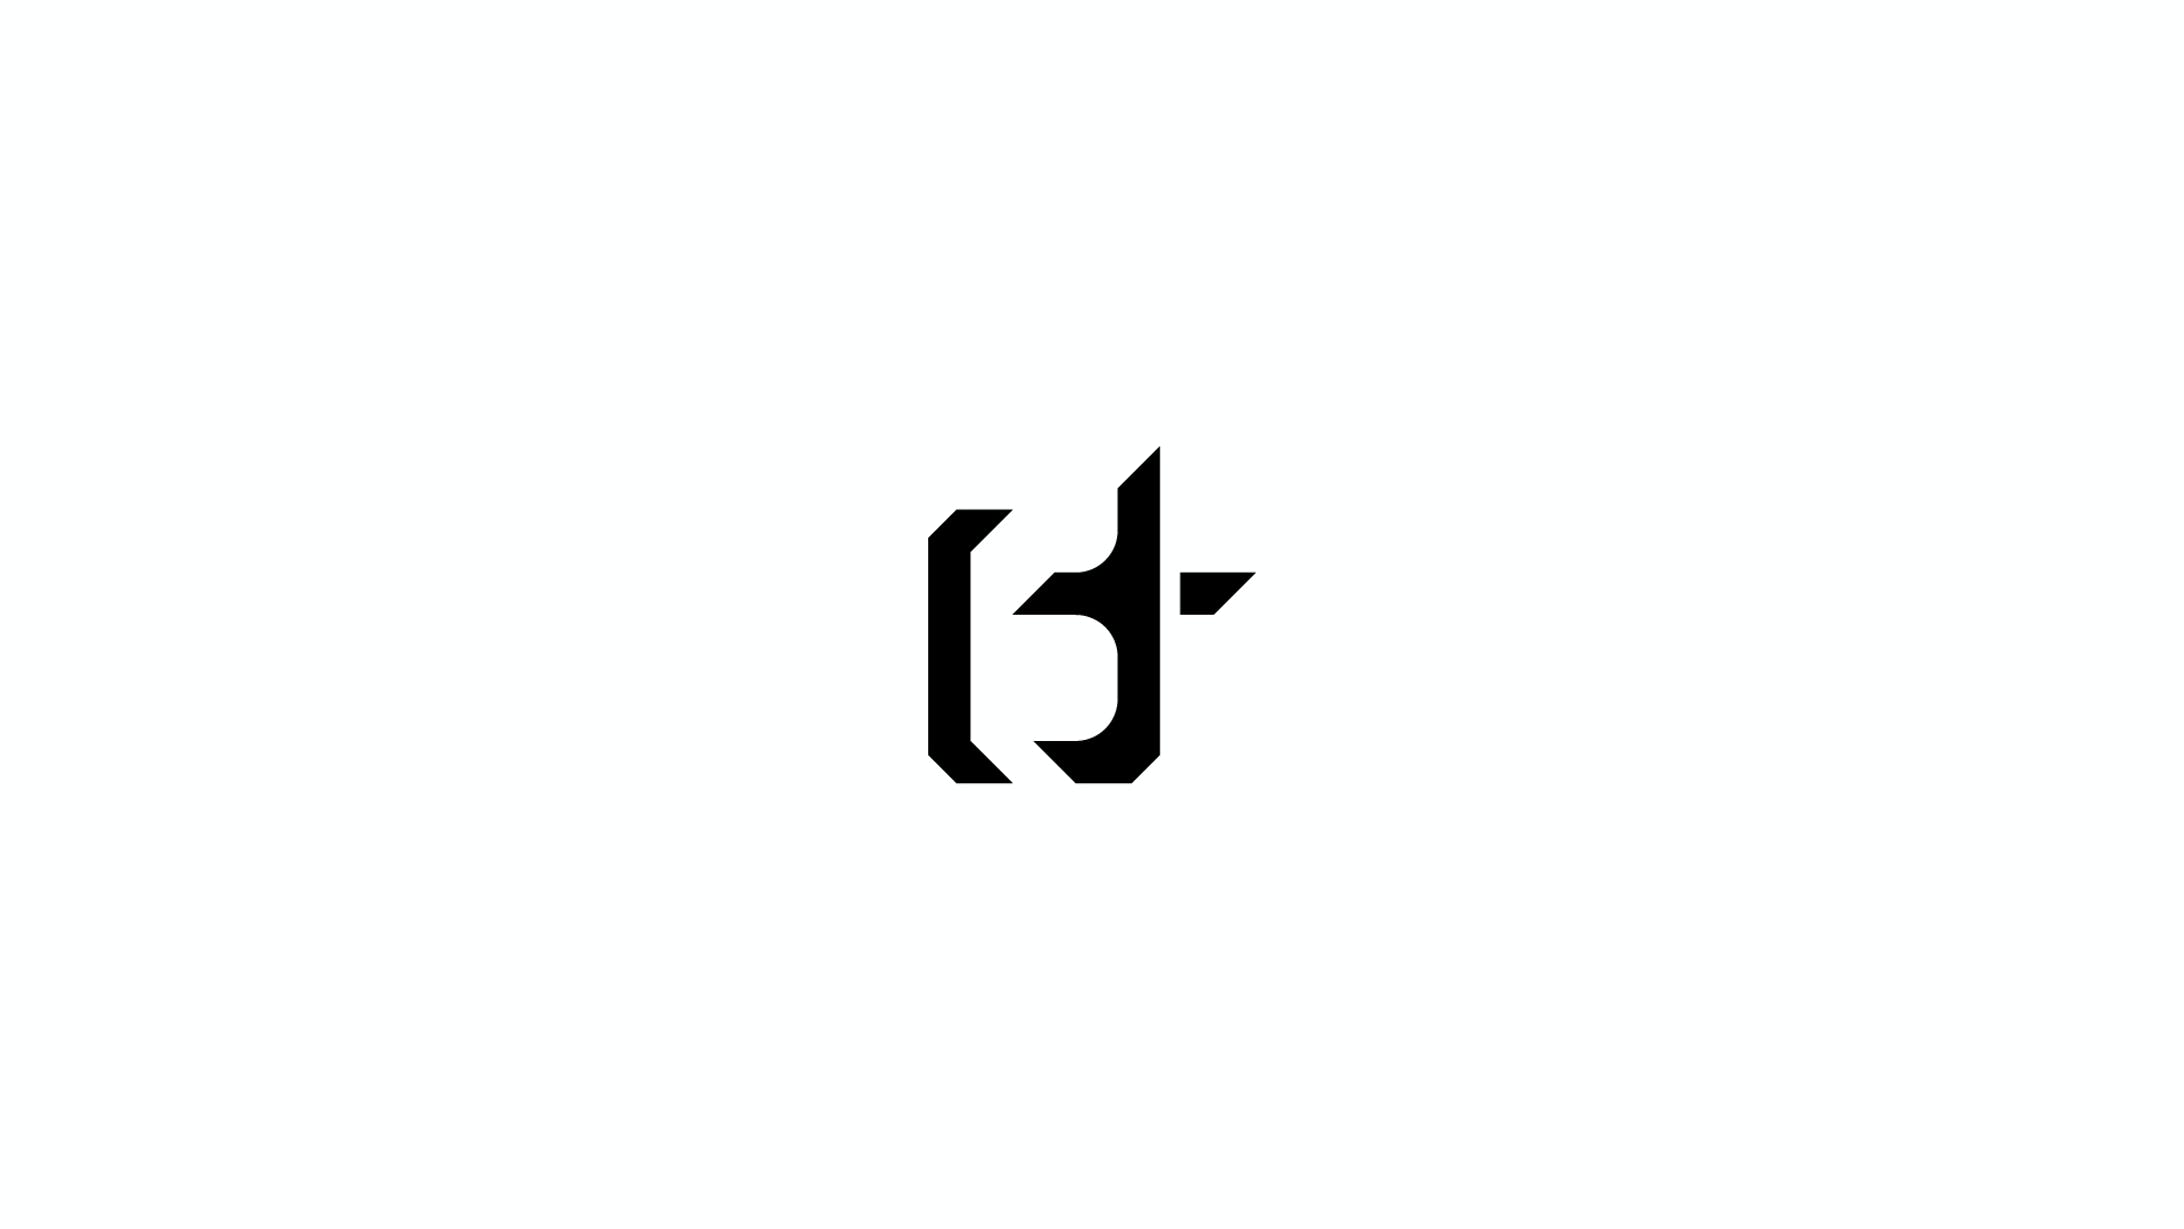 平成最後のフォント プロジェクト - Poster/Book/Goods/Font Design-5